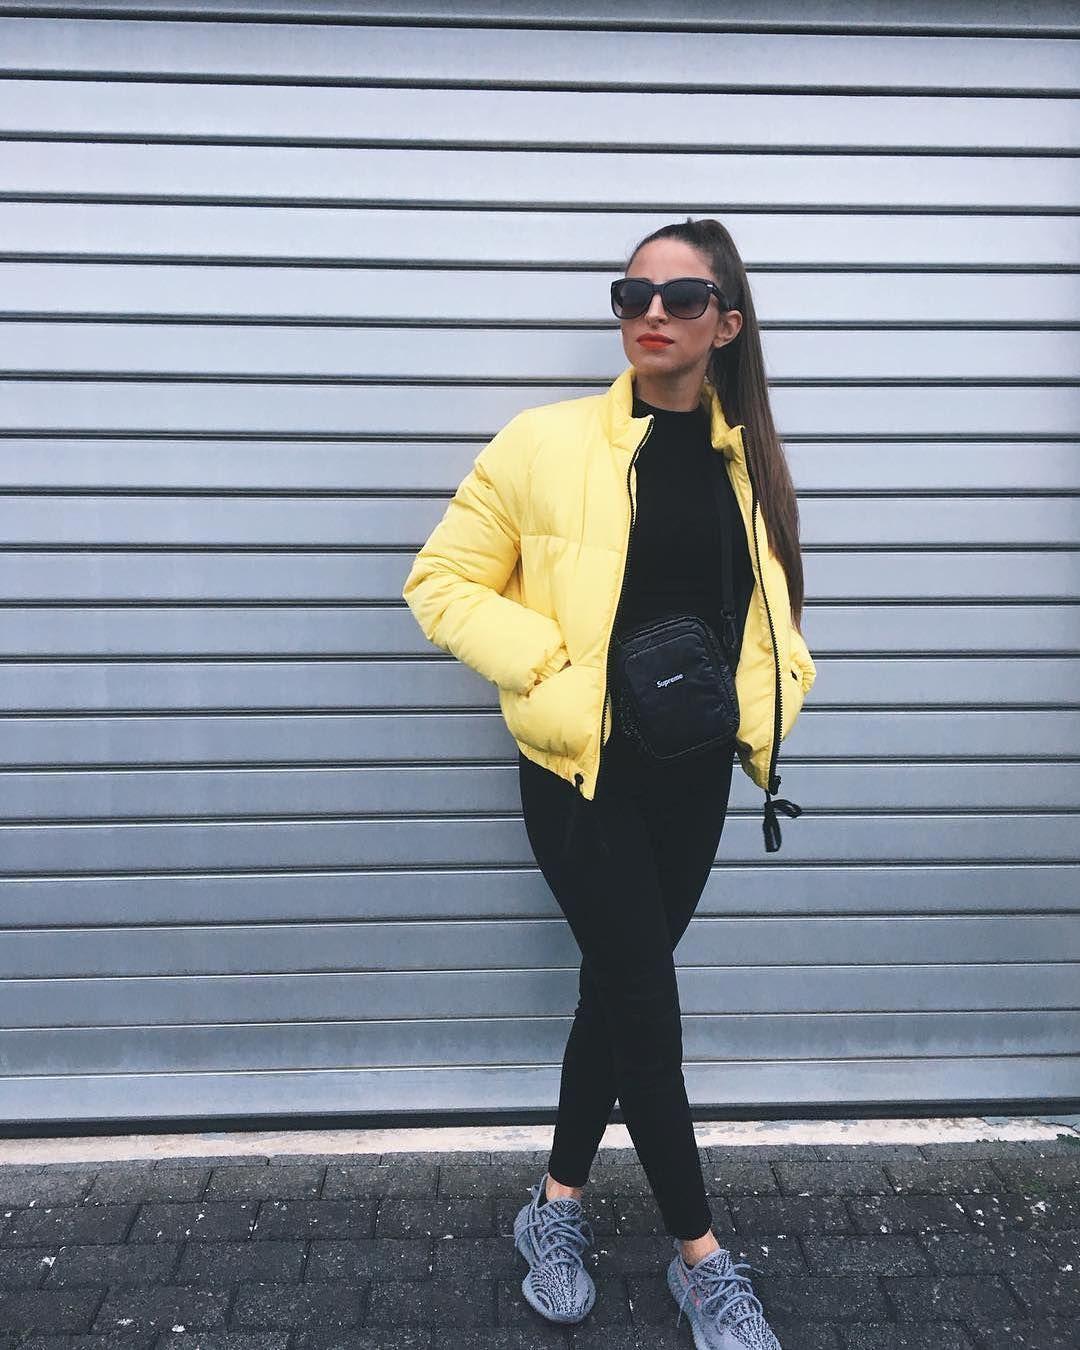 Lässiges Streetstyle Outfit für Frauen! All Black mit einer